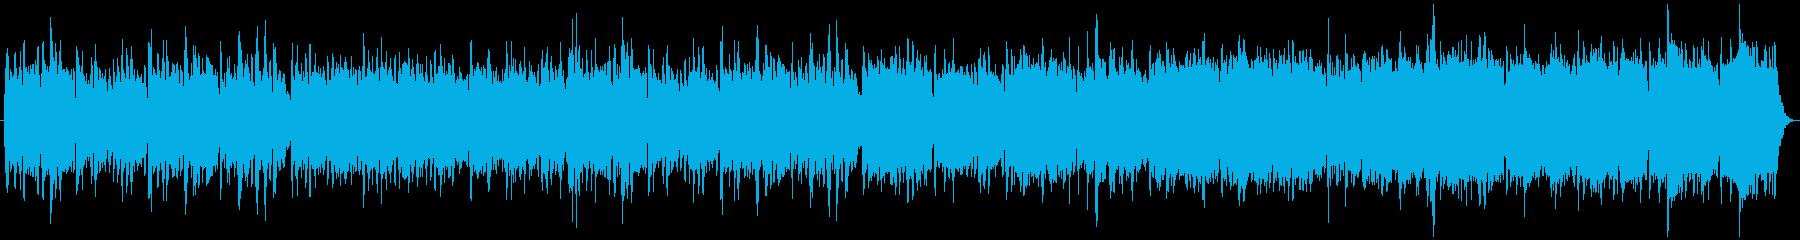 ハープ、グロック、ストリングスをフ...の再生済みの波形